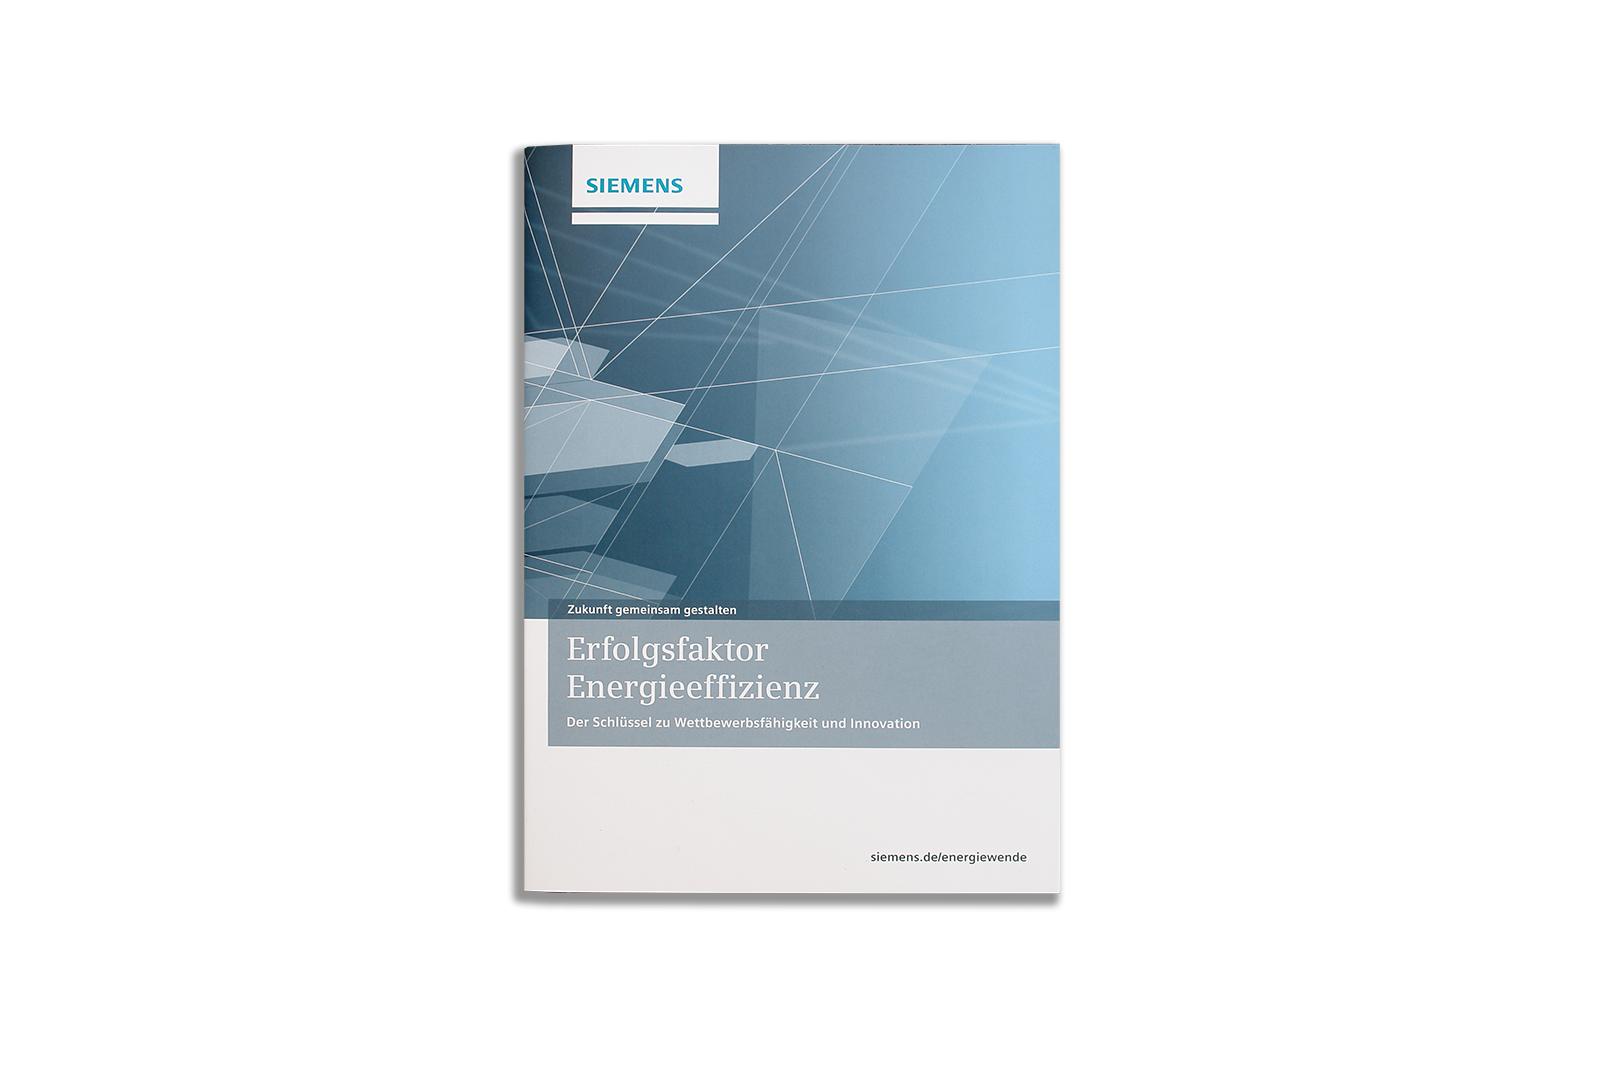 Siemens_Cover.jpg